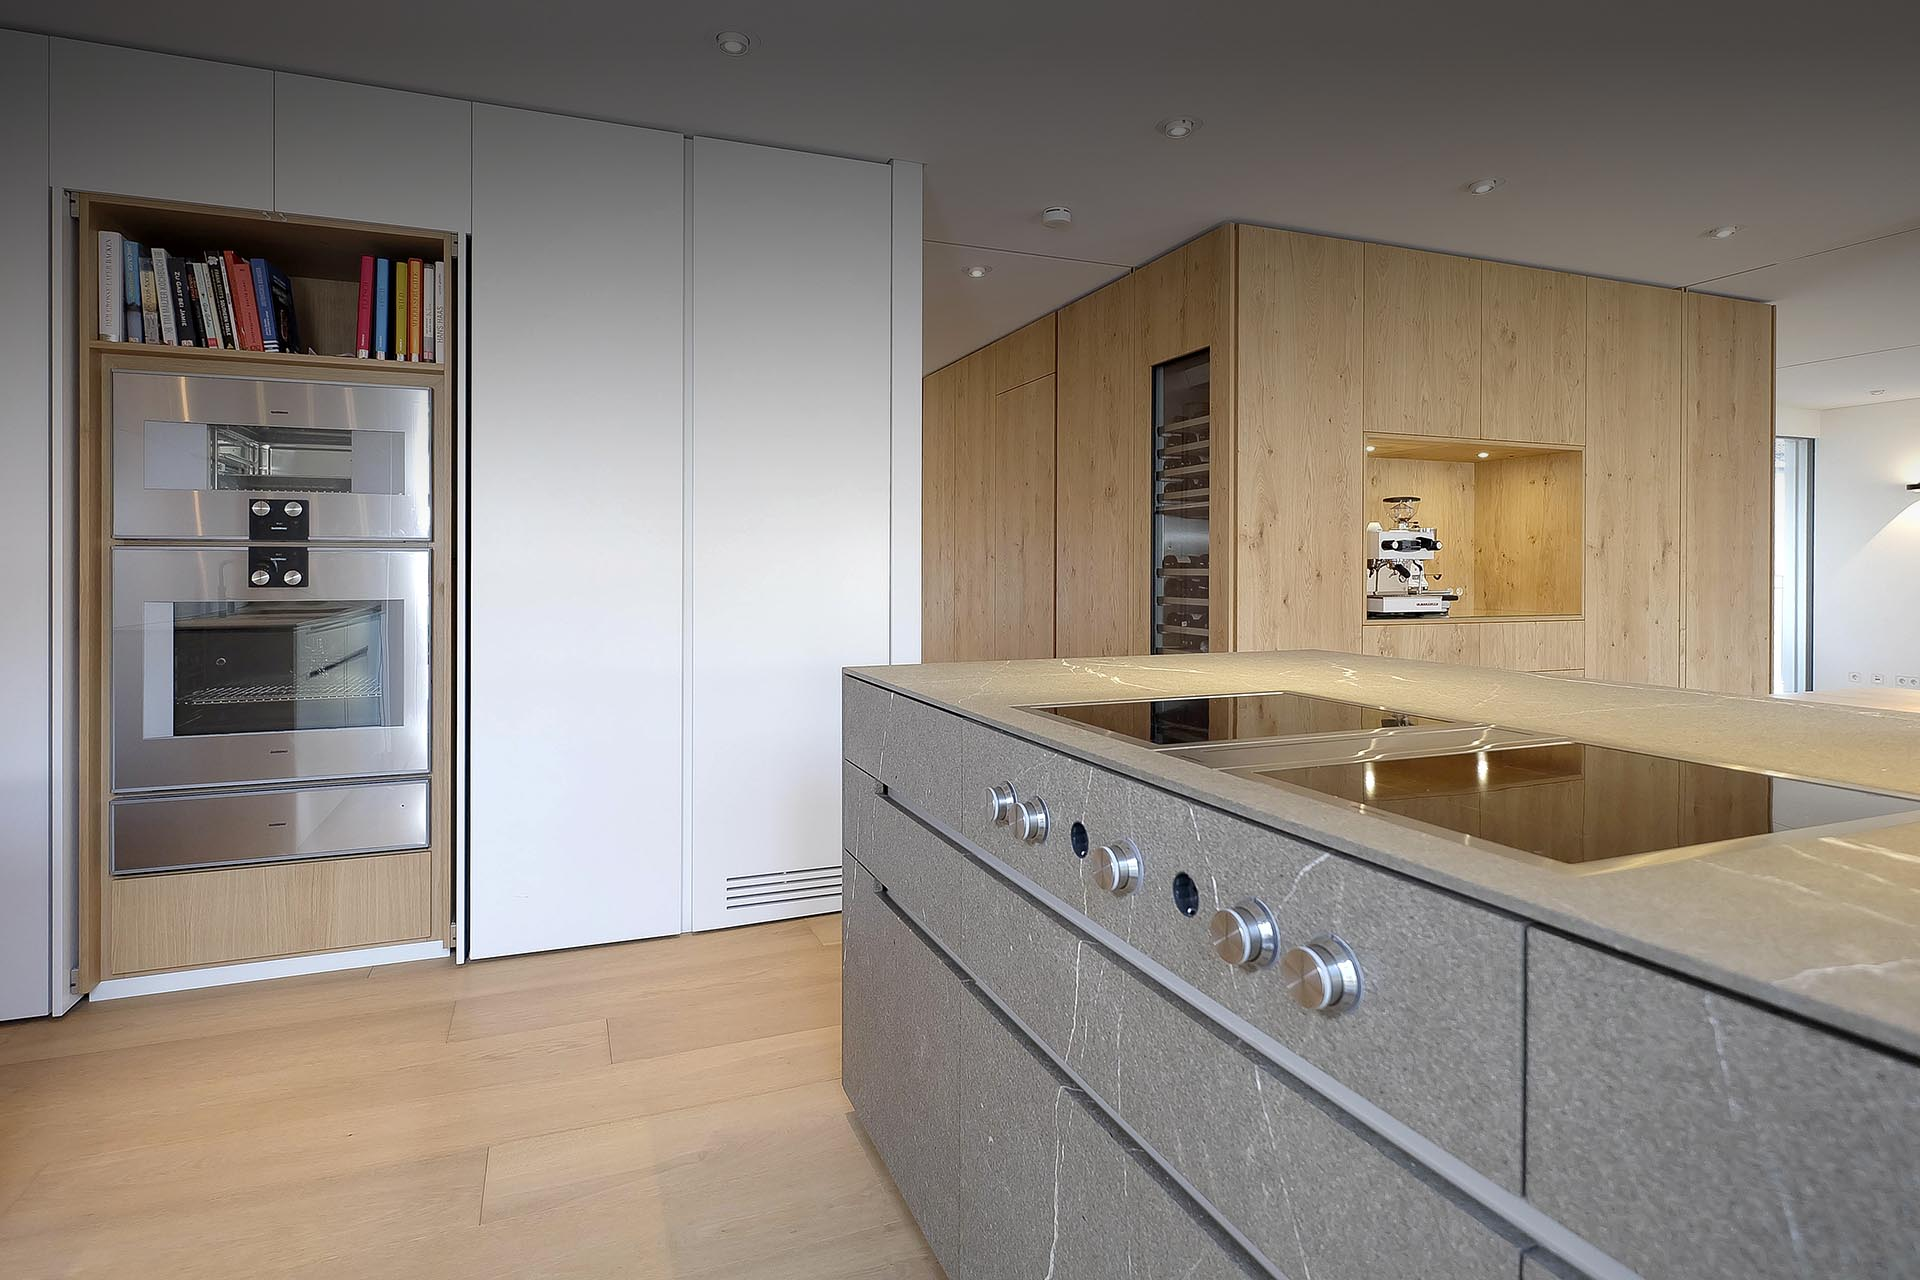 Masfina | Feine Küchen und Möbel auf Mass | Home Slider Image 004